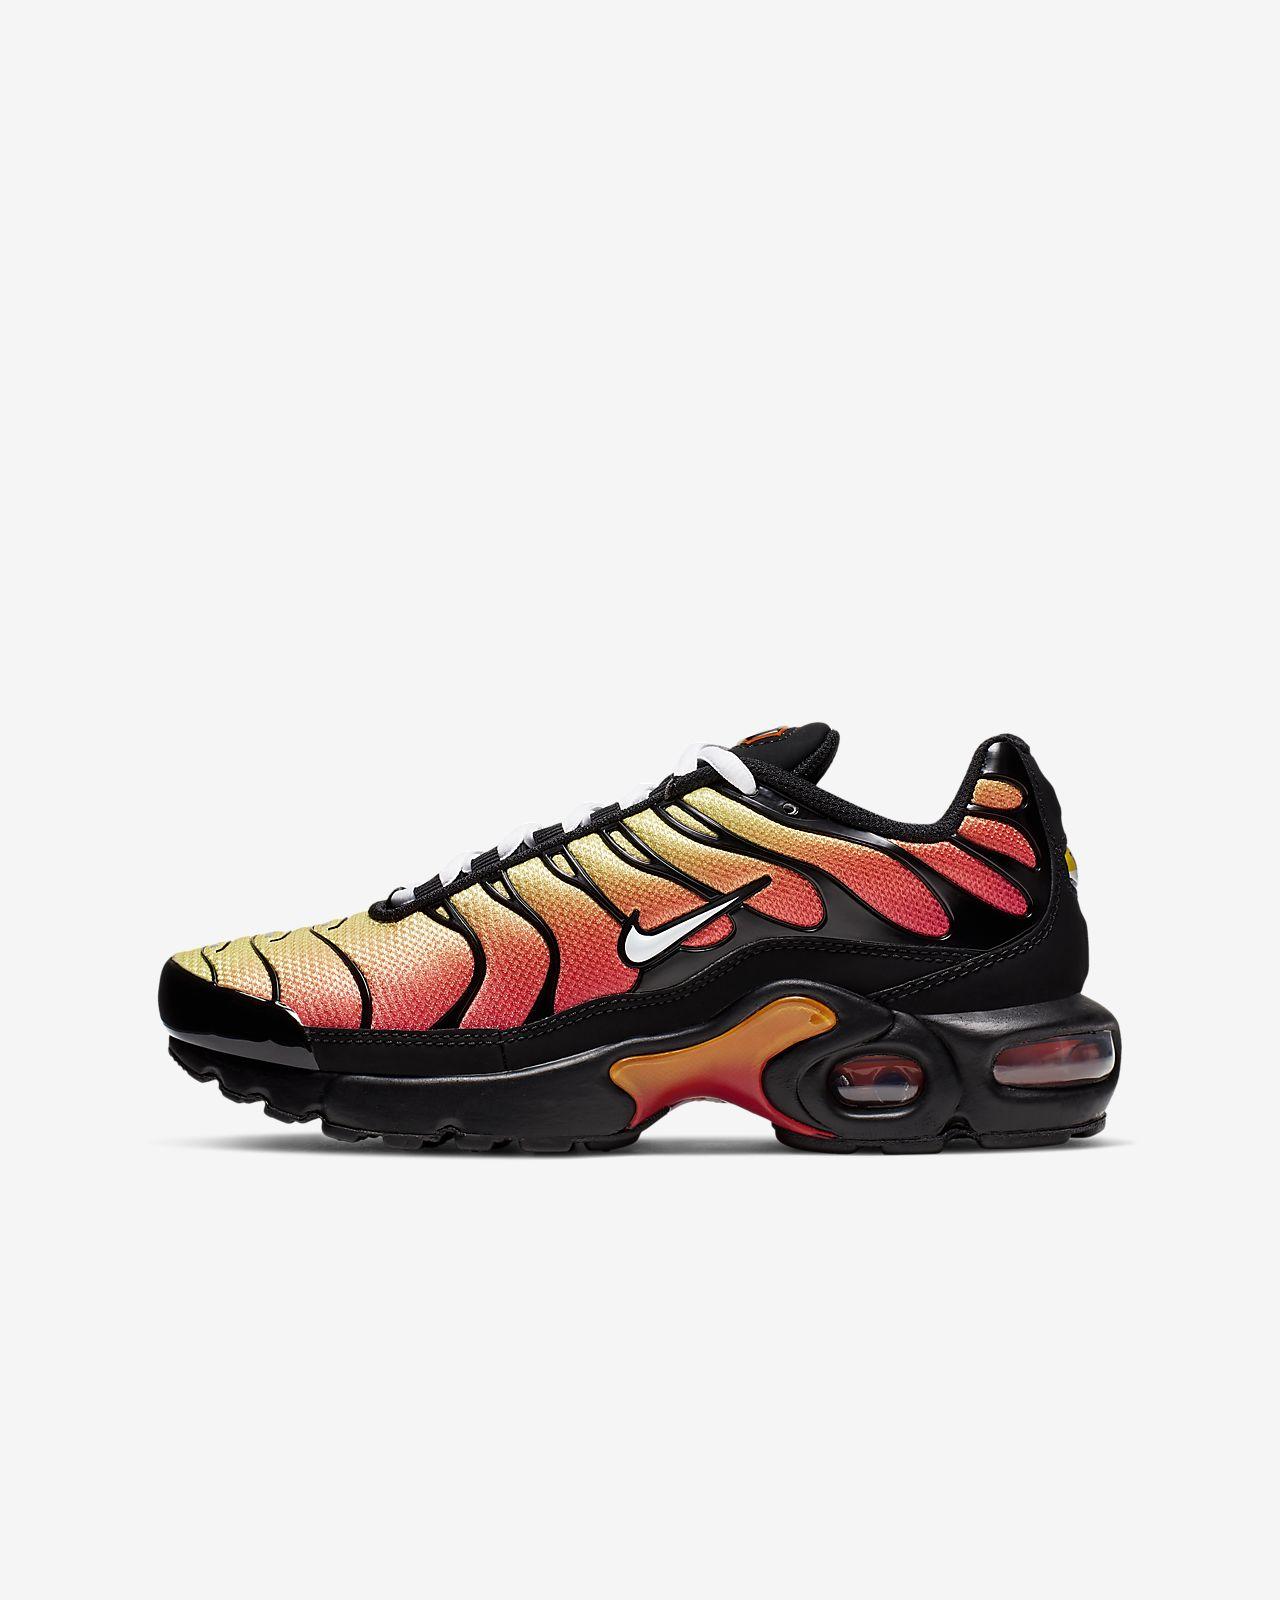 Παπούτσι Nike Air Max Plus για μεγάλα παιδιά